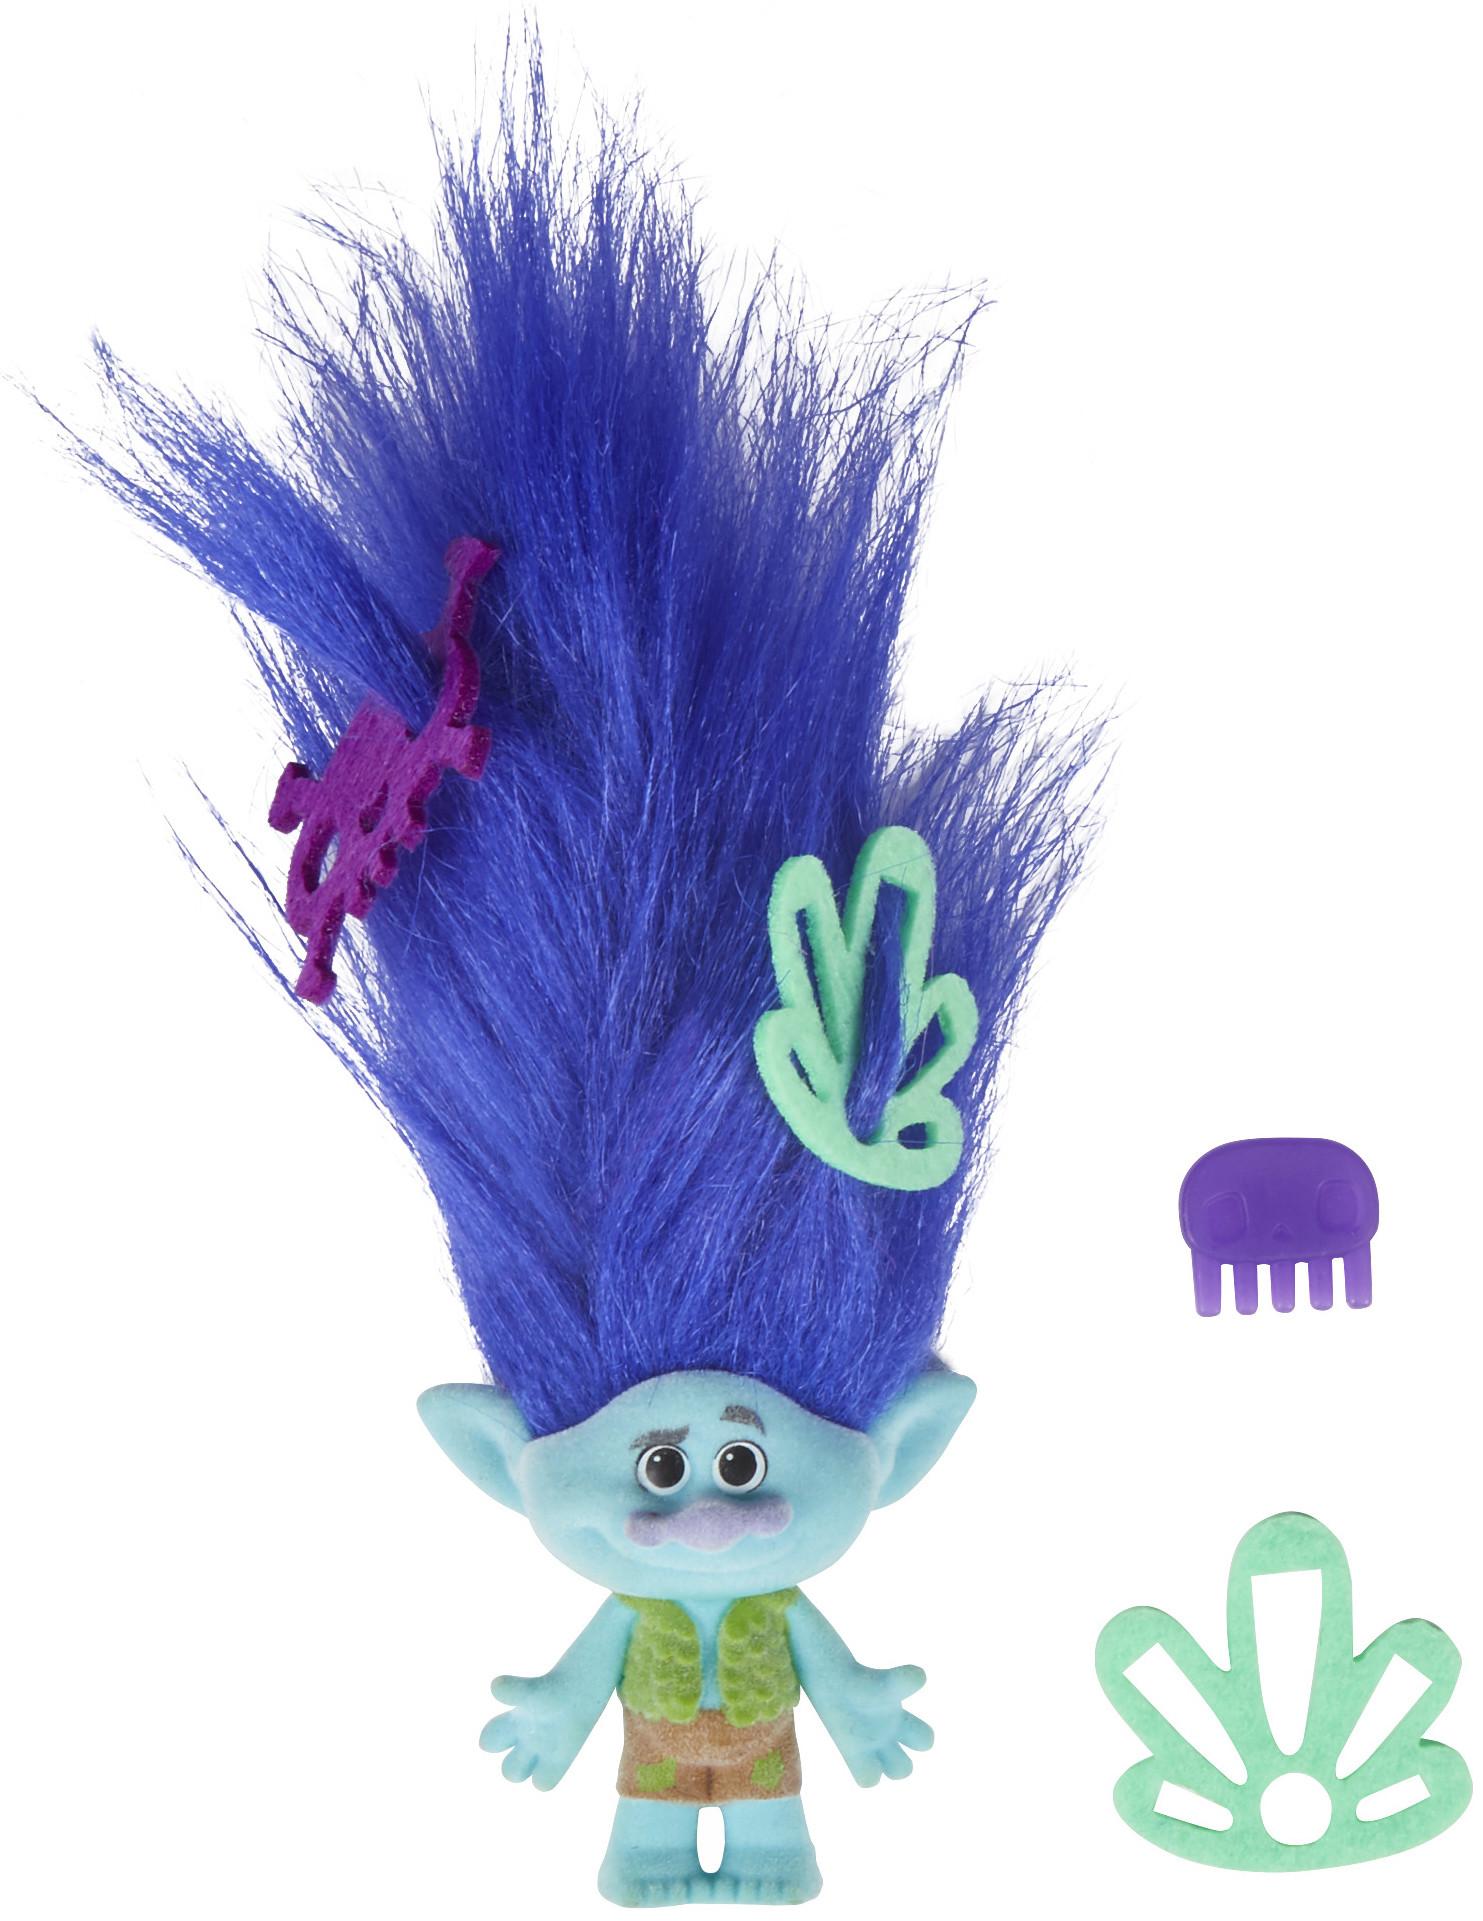 Фигурки героев мультфильмов Trolls Игровой набор Trolls с троллем с супер длинными поднимающимися волосами в ассорт. ежедневник а5 288стр н датир maestro de tiempo novela синий термо к з 8318332